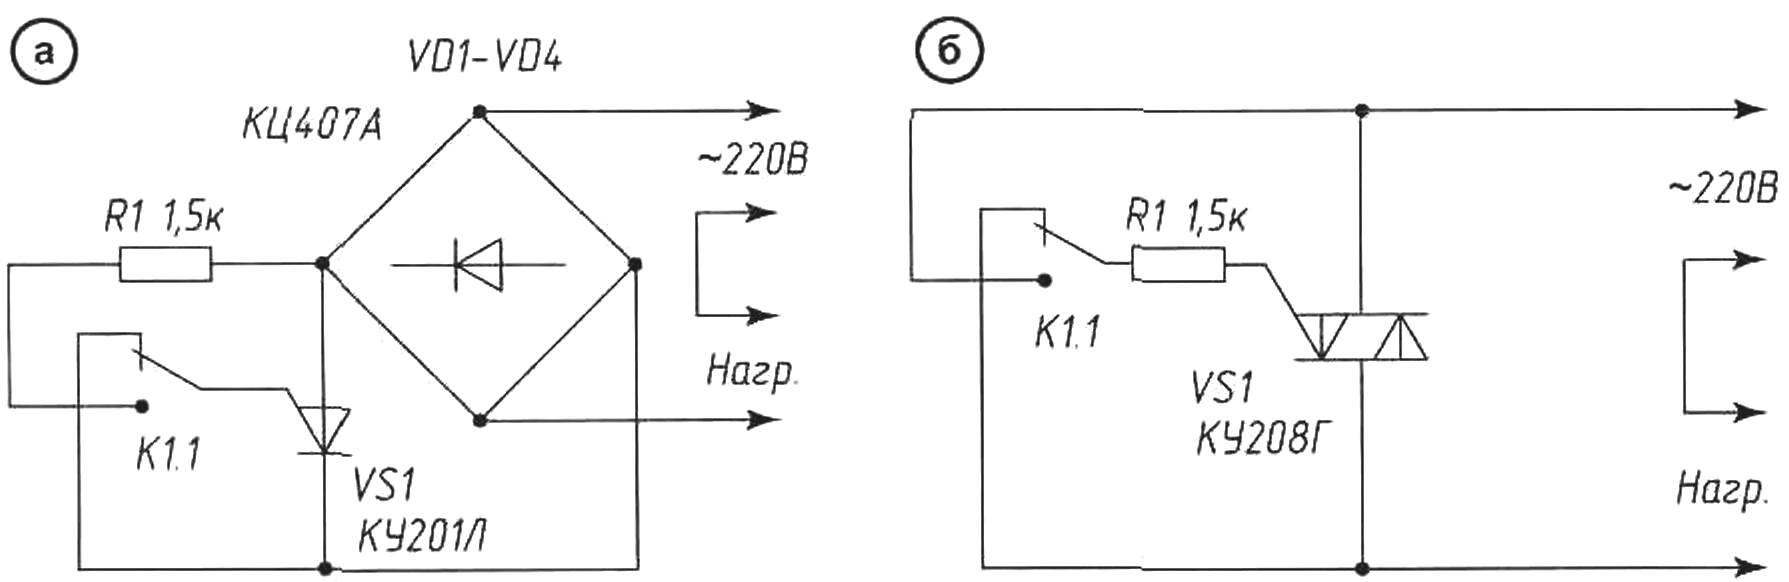 Схема устройства для управления нагрузкой